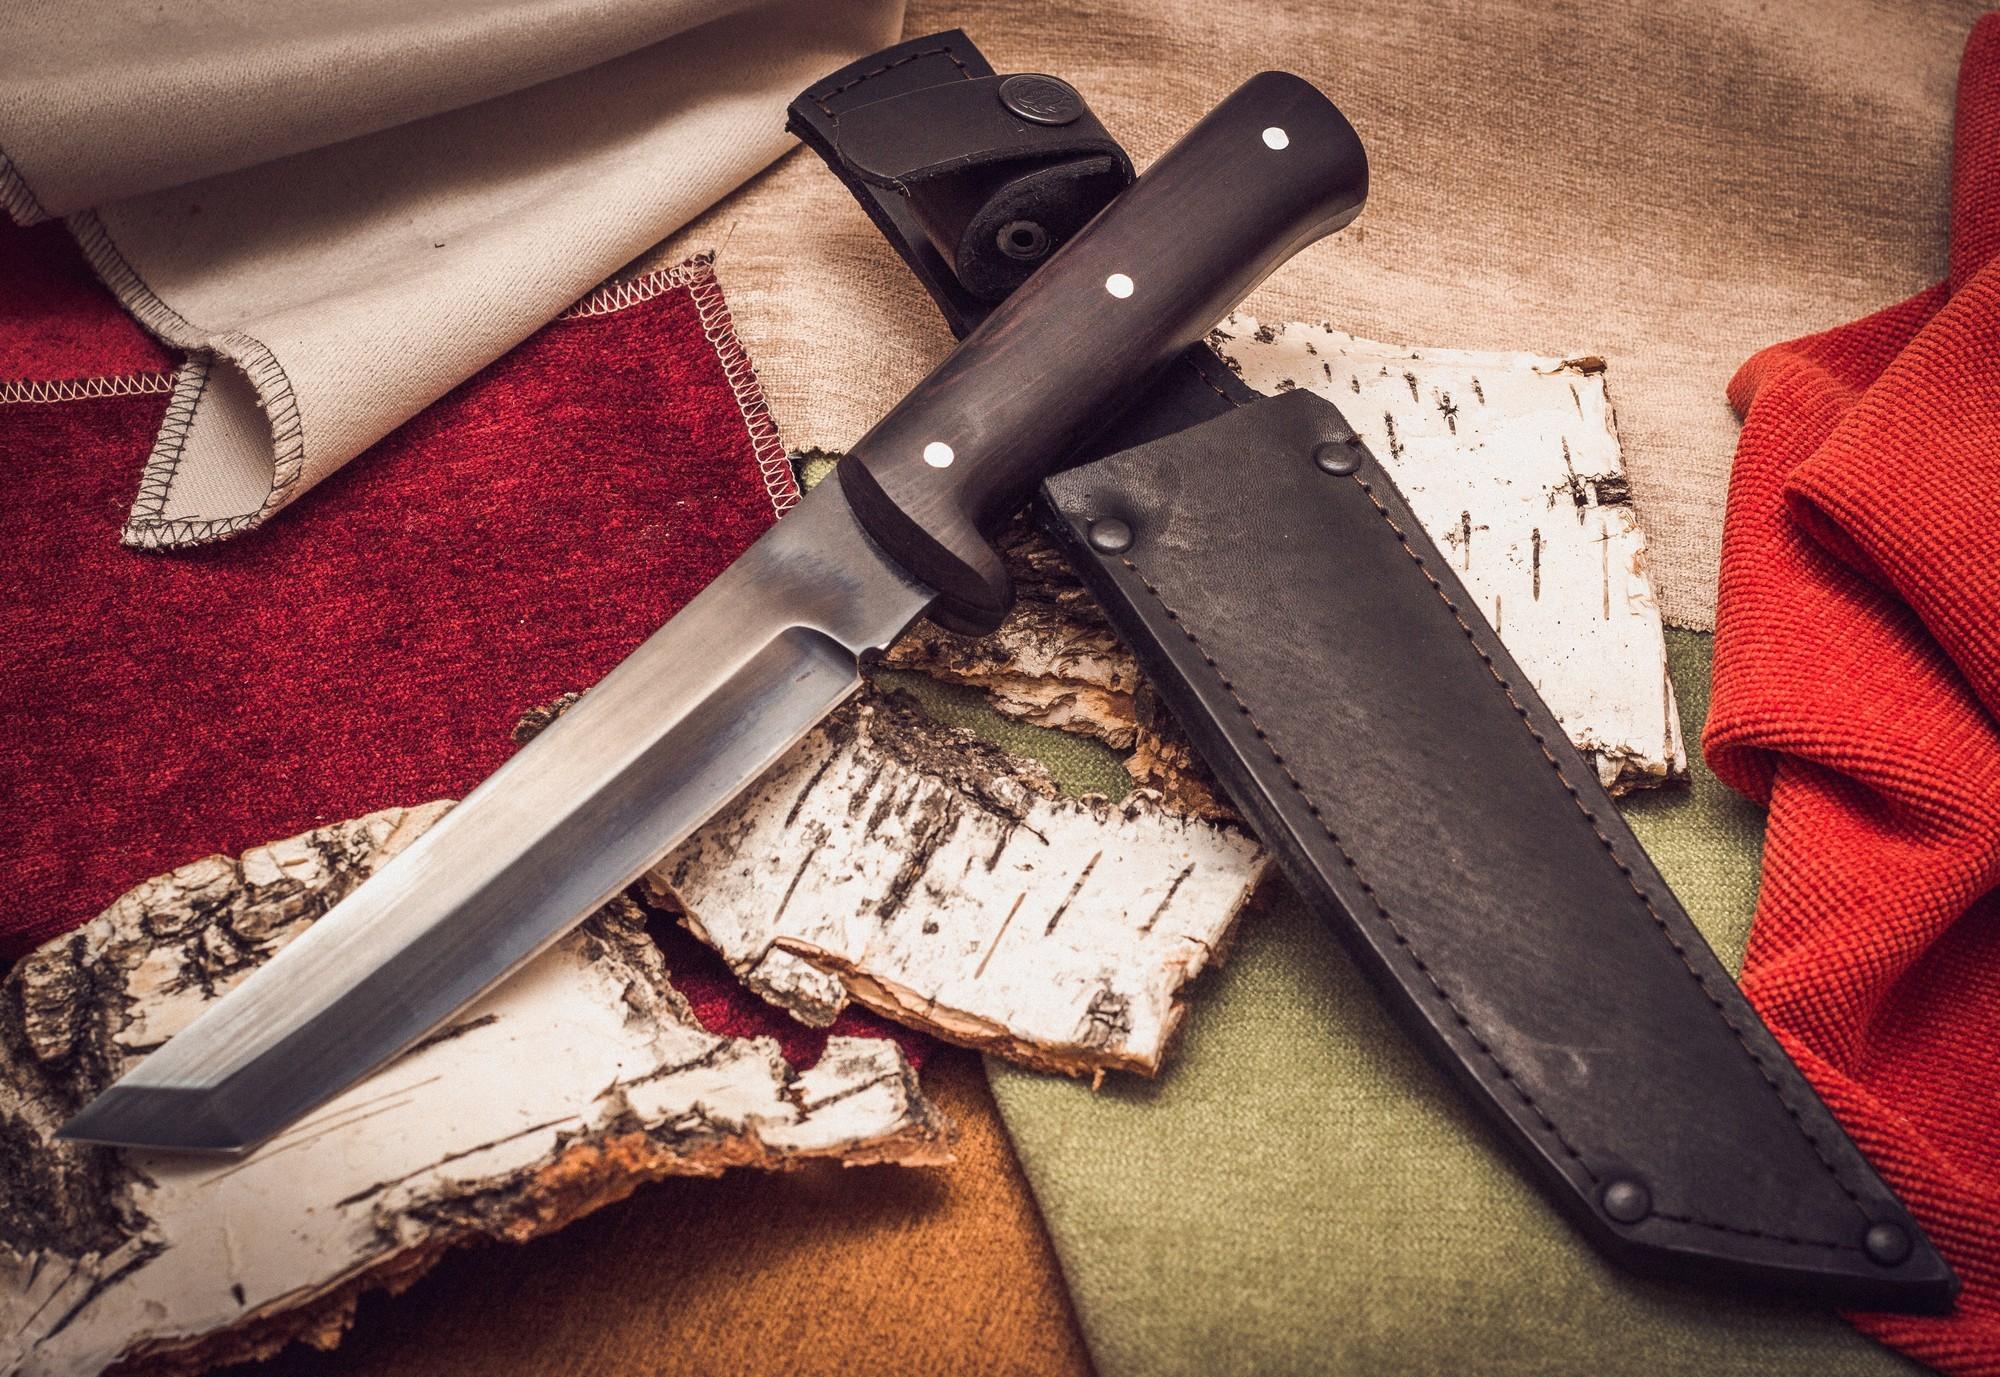 Фото 3 - Нож Тантоид MT-12, черный граб, сталь 65Г